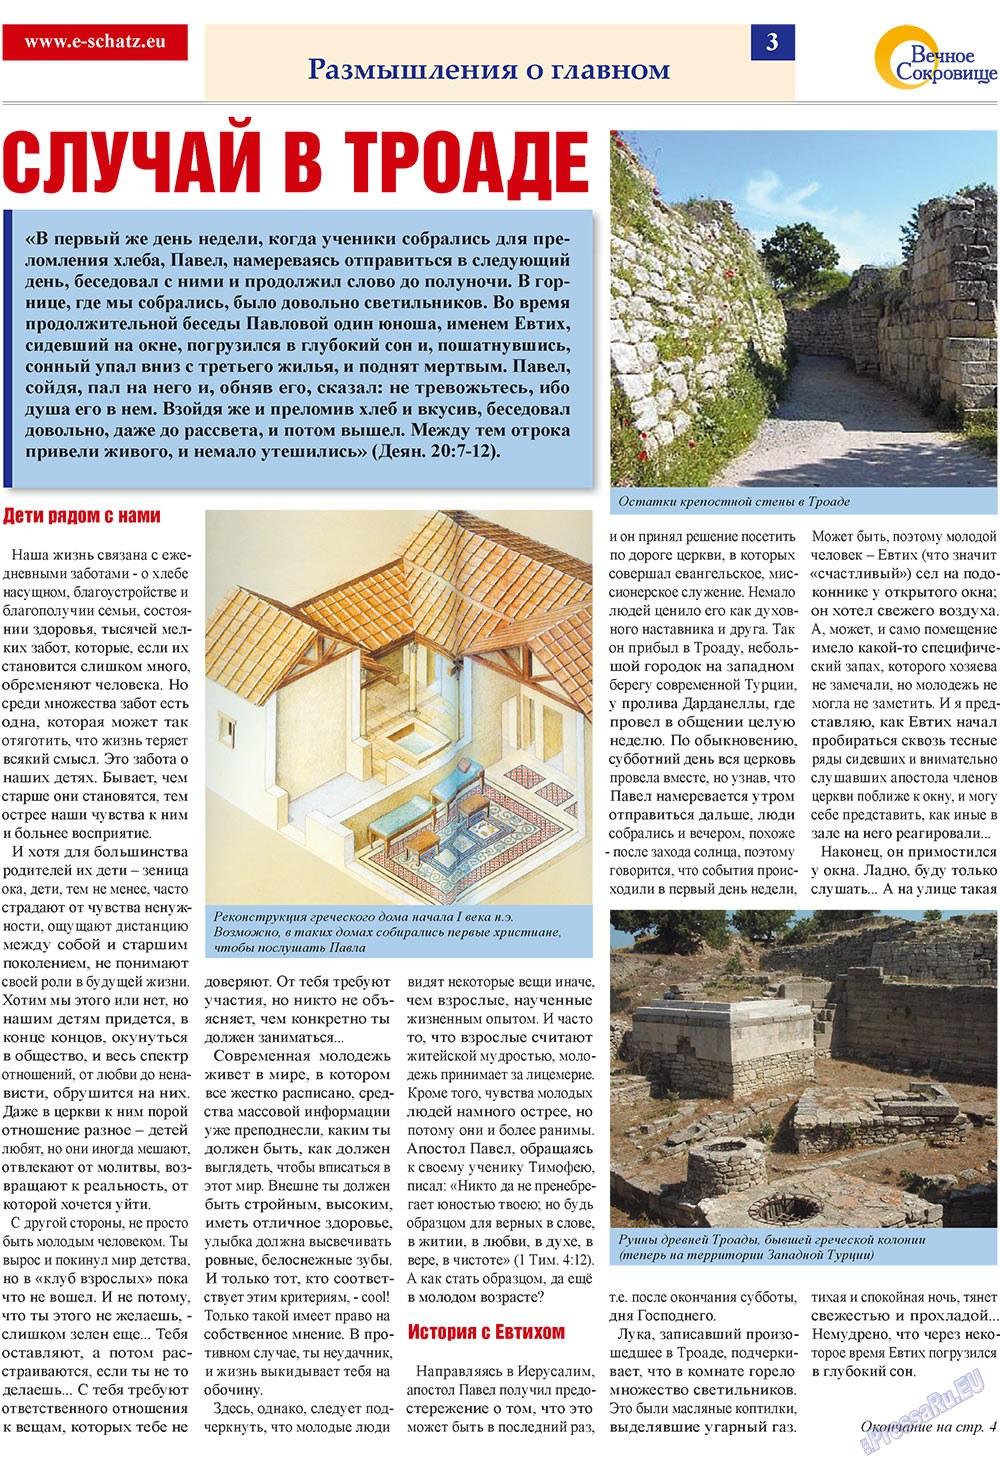 Вечное сокровище (газета). 2009 год, номер 3, стр. 3